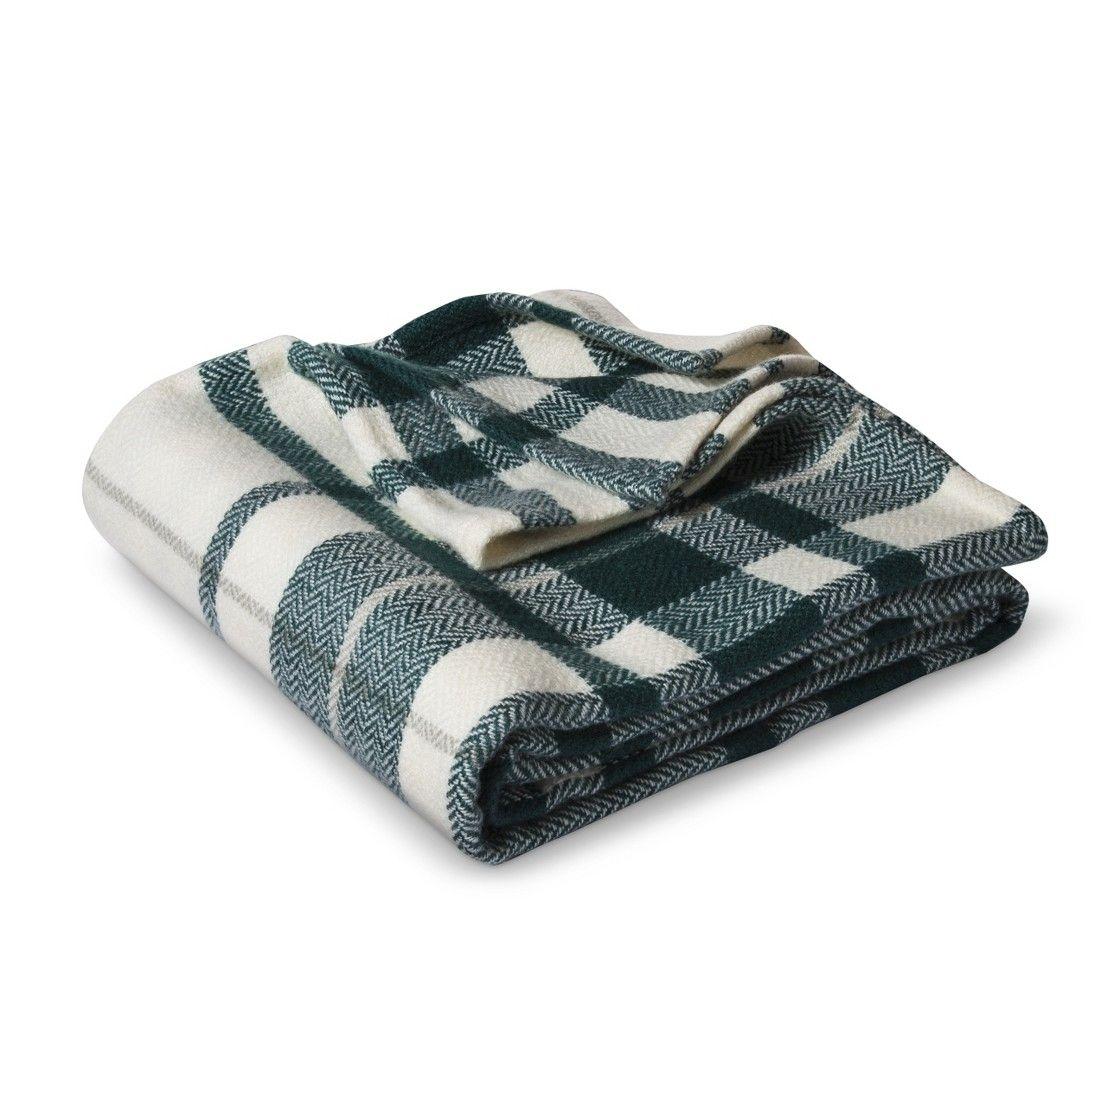 Plaid Throw Plaid throw, Flannel throw, Plaid throw blanket